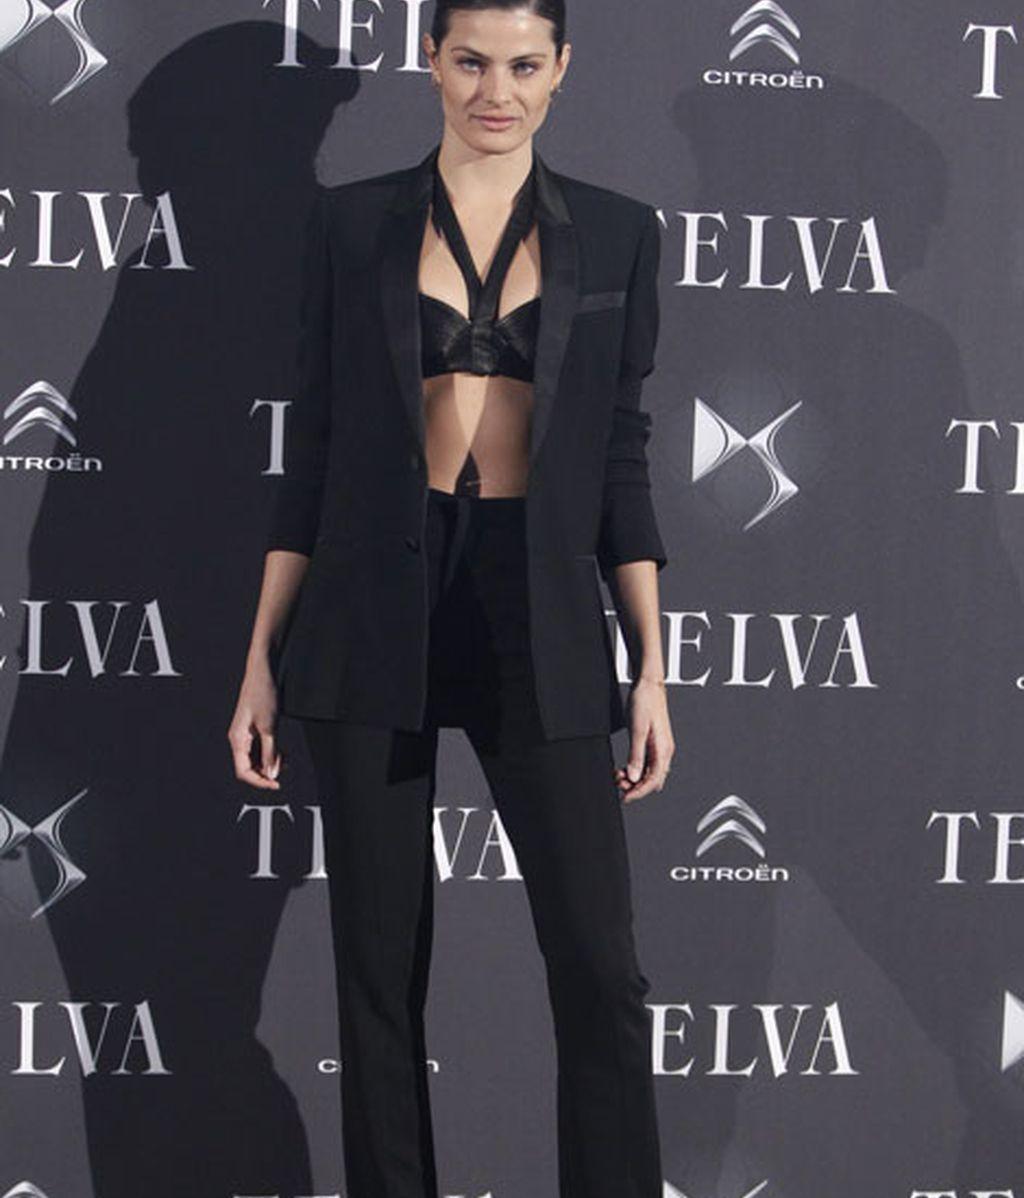 La modelo Isabelli Fontana, de Givenchy